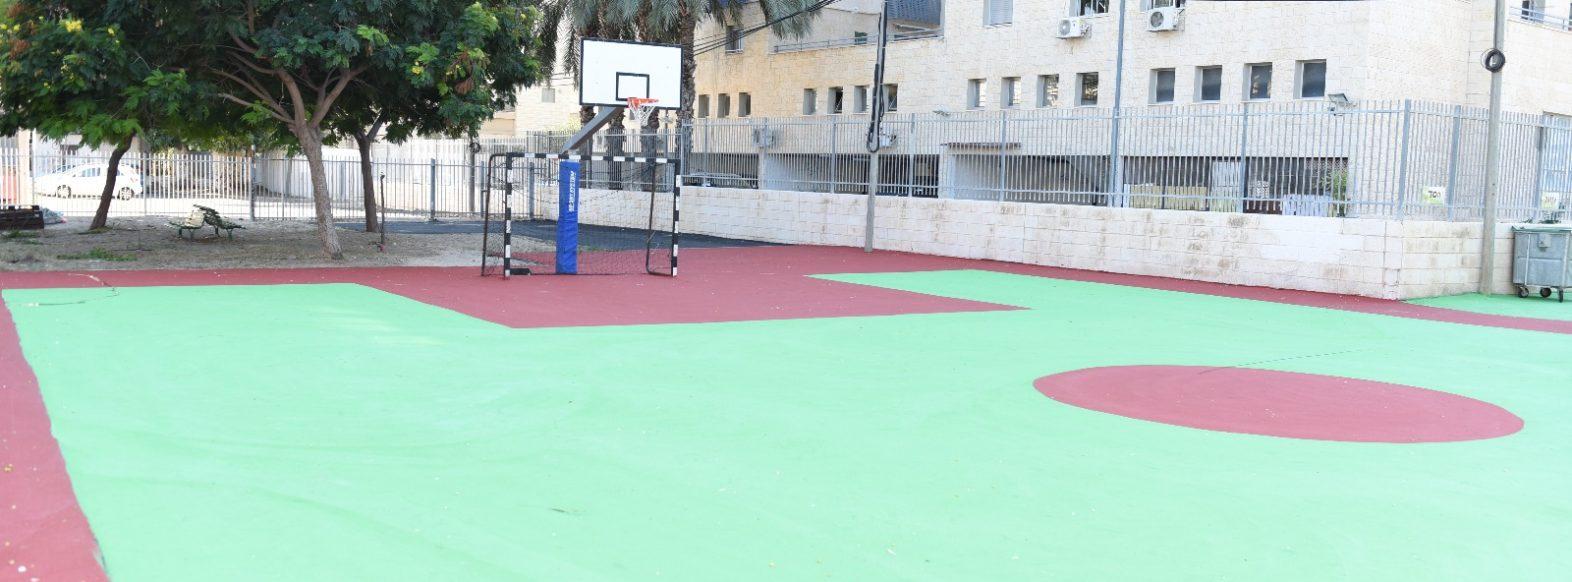 חזרו מחופשת סוכות וגילו מגרשי כדורגל וכדורסל משודרגים ואולם ספורט